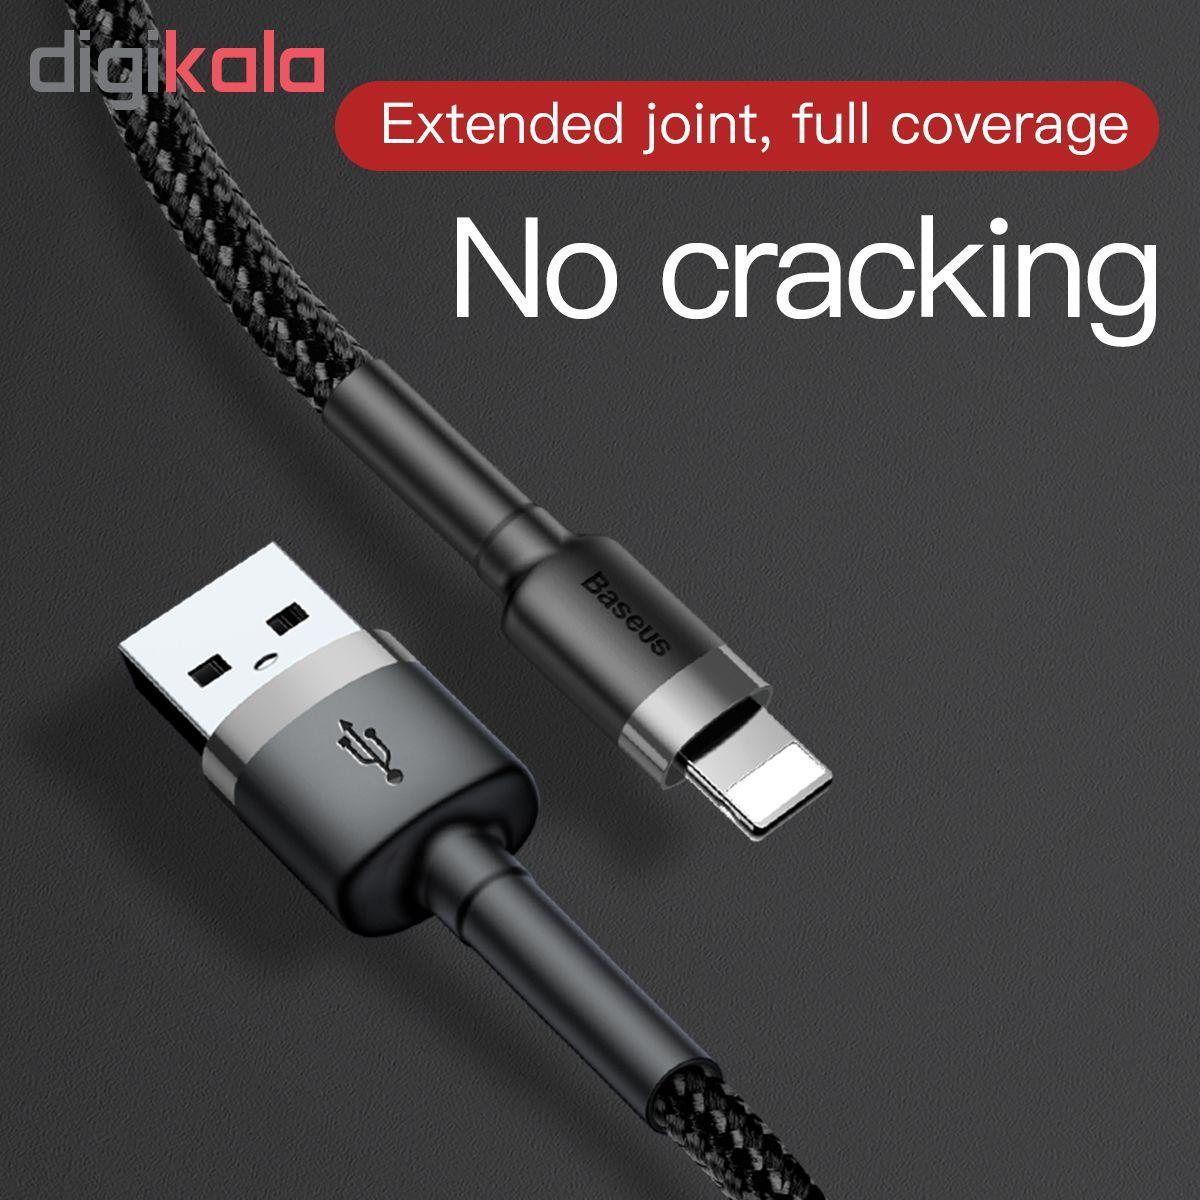 کابل تبدیل USB به لایتنینگ باسئوس مدل CALKLF-BG1 طول 1 متر main 1 11